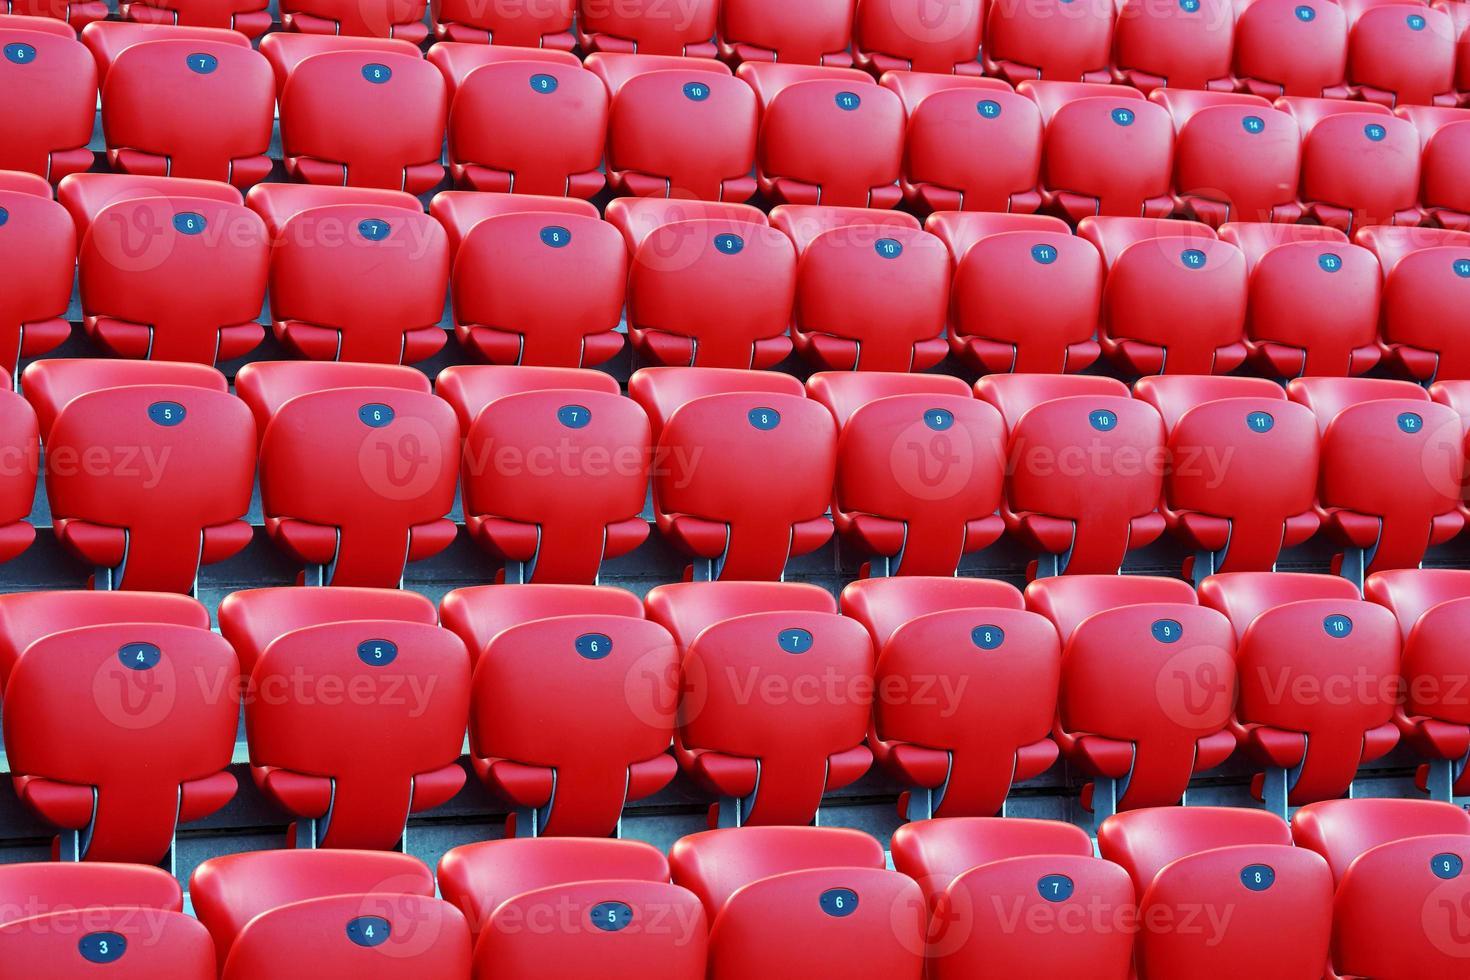 asientos del estadio rojo foto